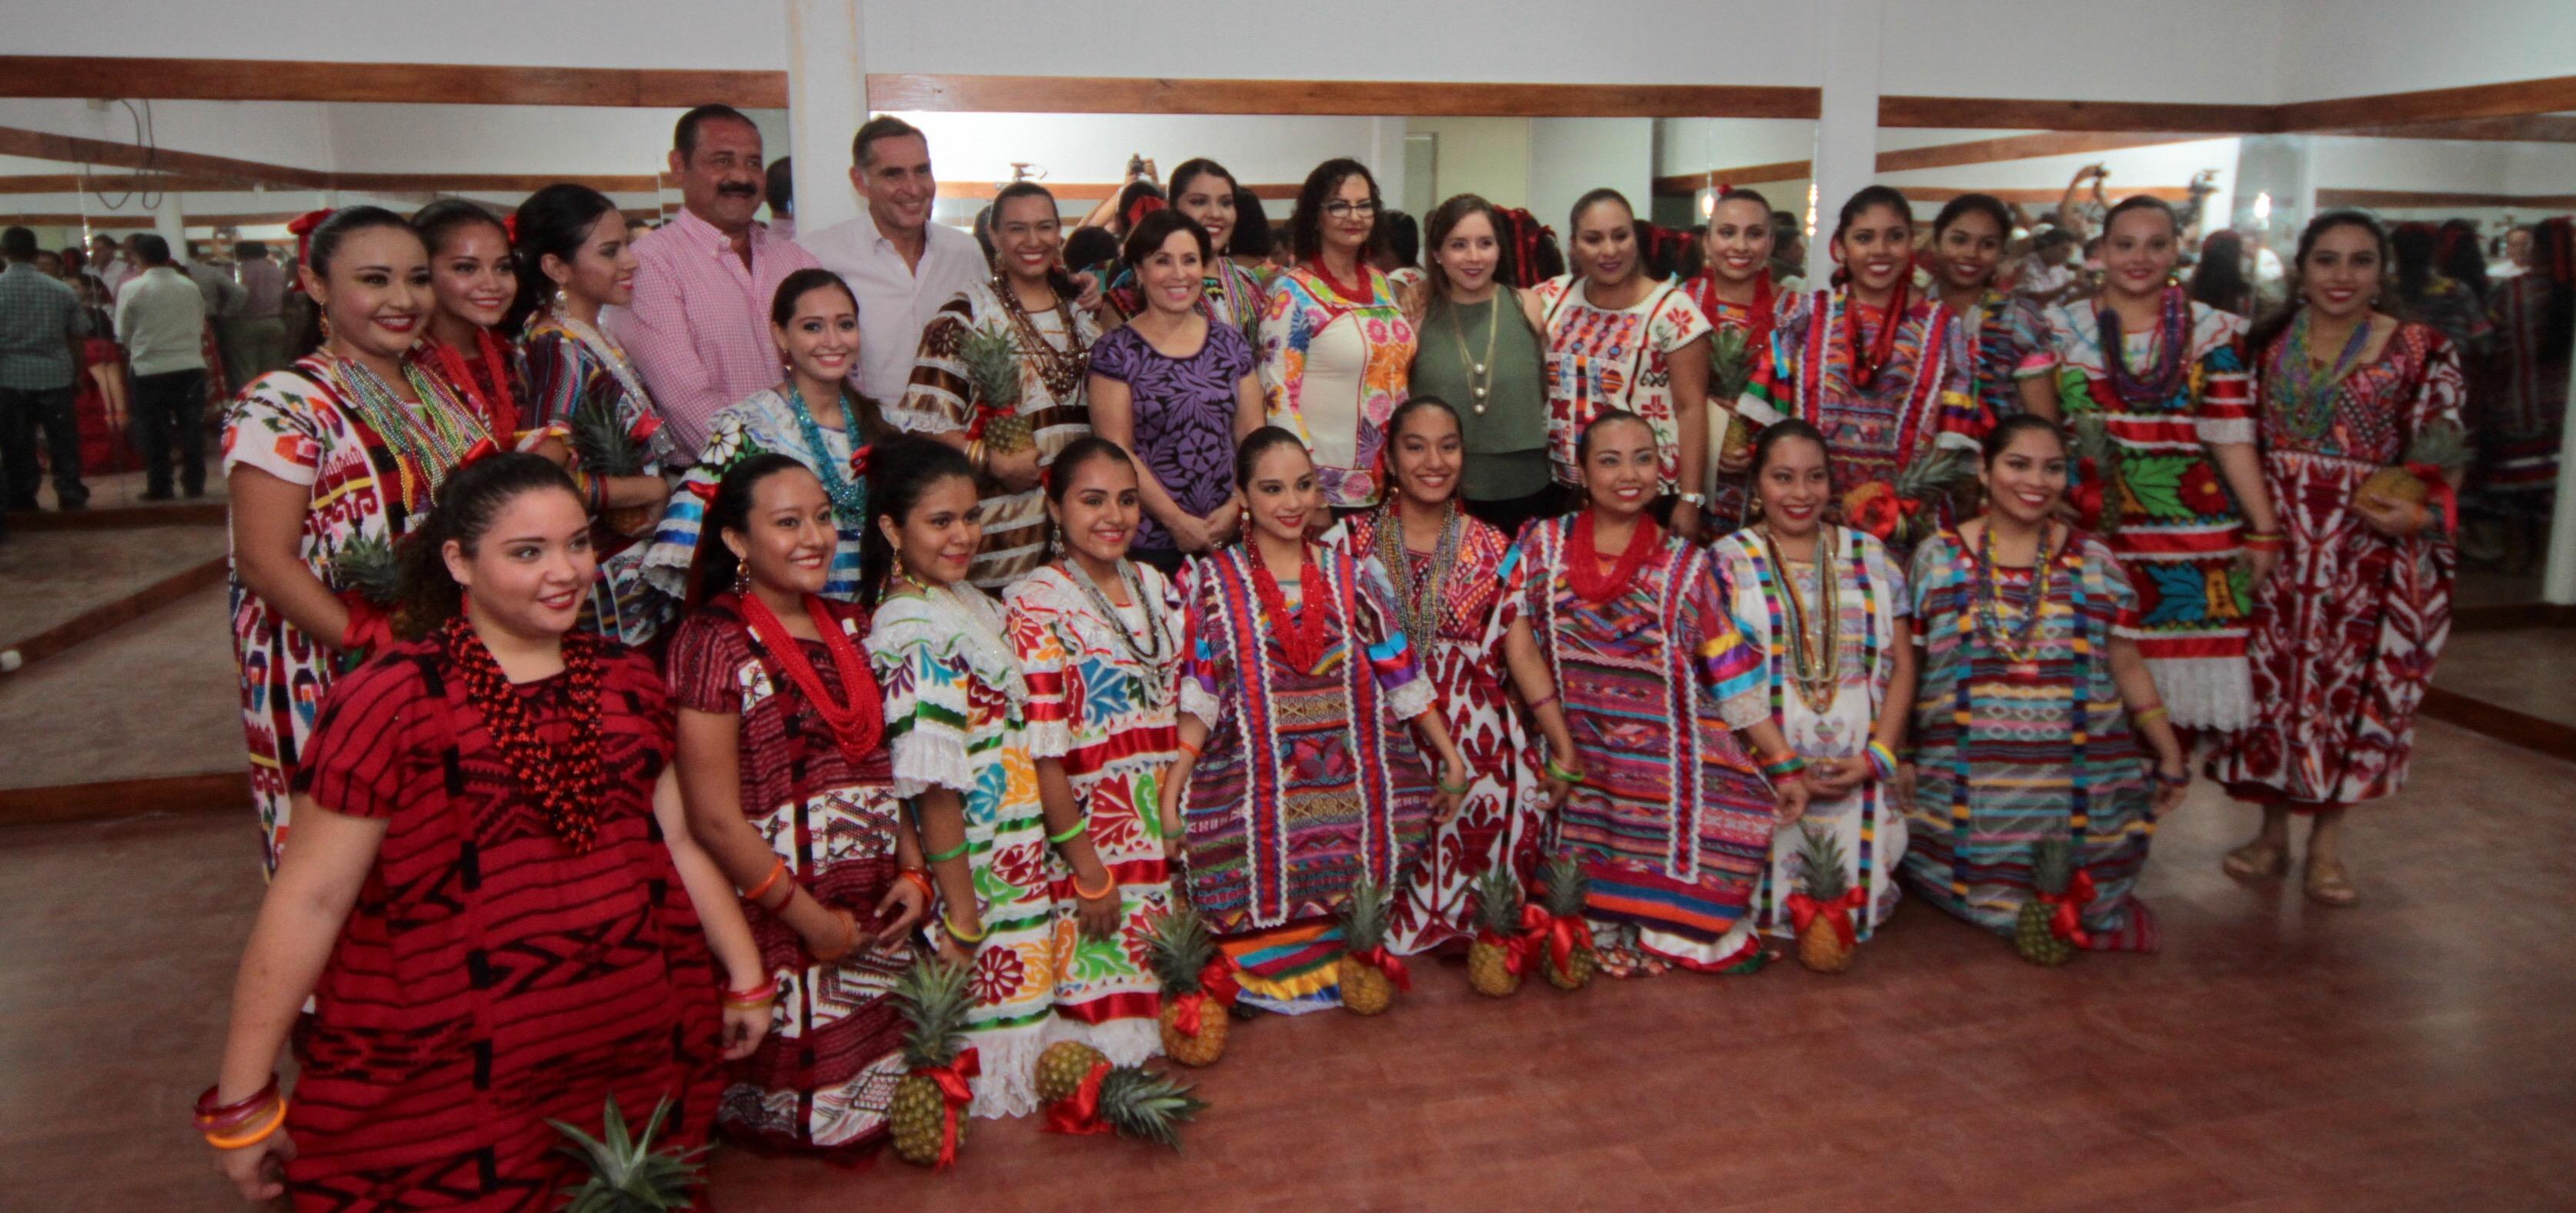 La Titular de SEDATU, Rosario Robles conviviendo con beneficiarios de los centros comunitarios que inauguró este día, como parte del Programa de Rescate de Espacios Públicos  que lleva a cabo el Gobierno de la República.